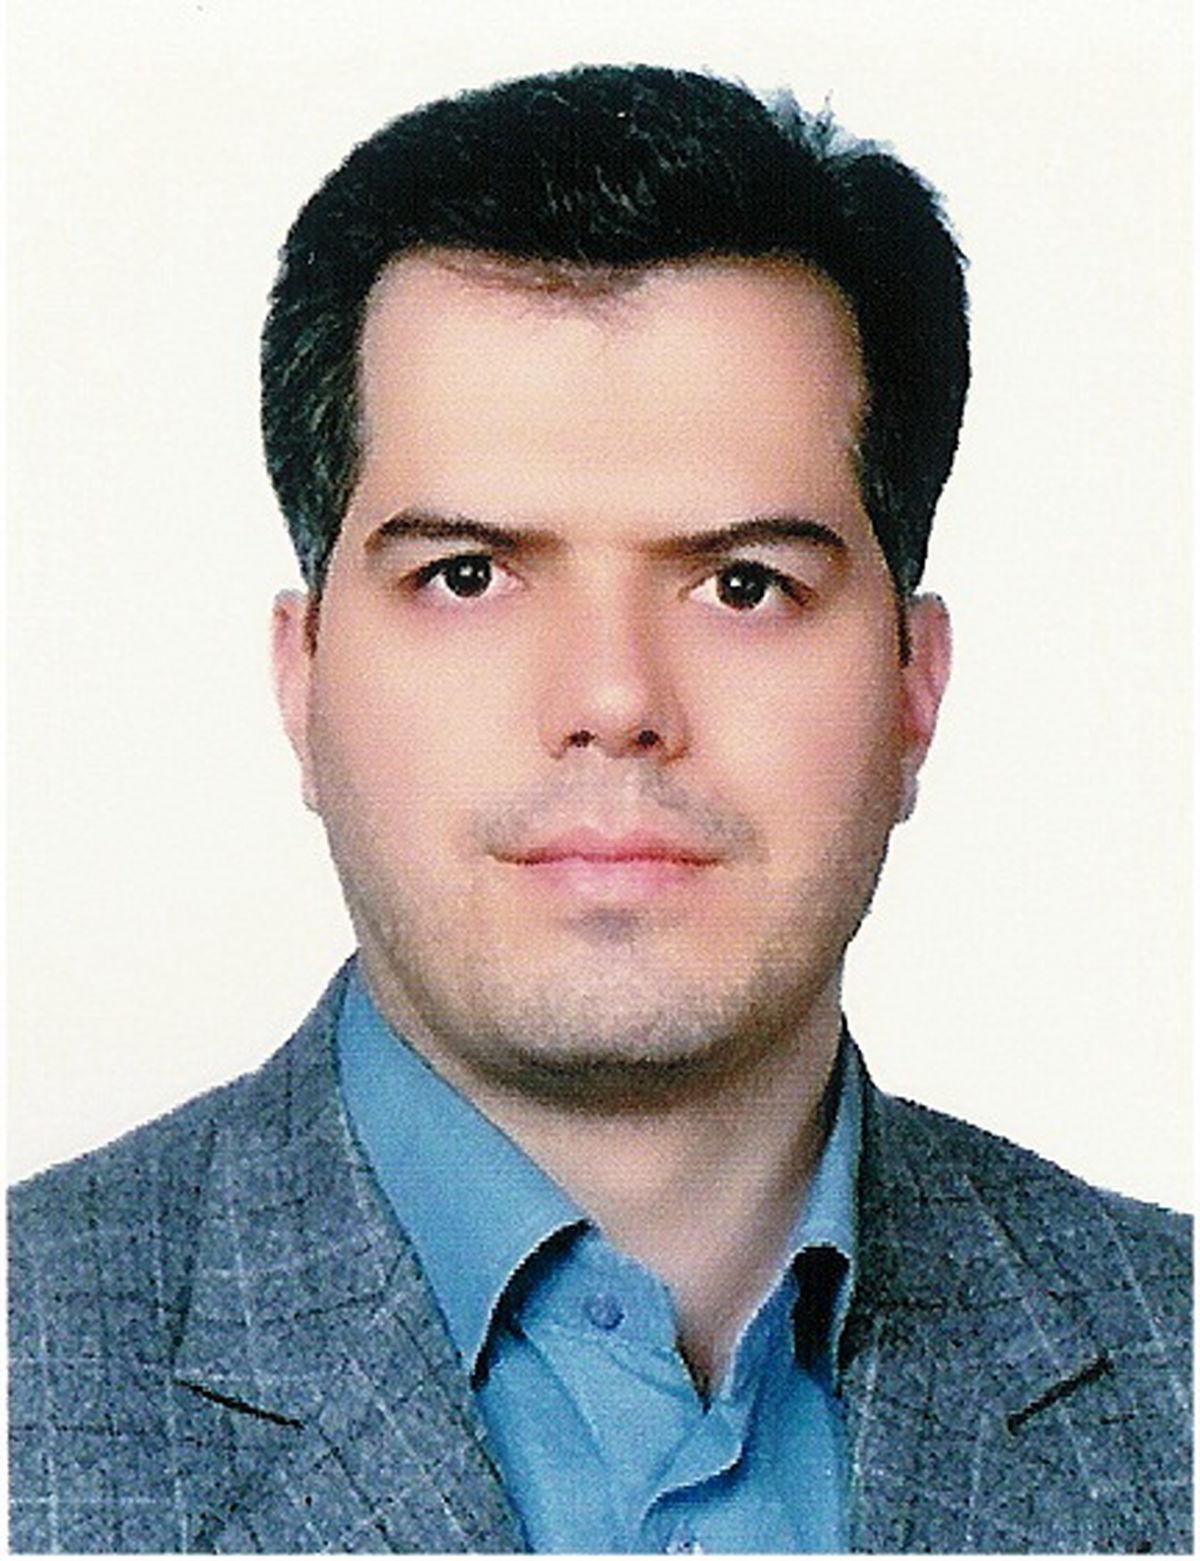 مناطق آزاد دروازه های مهم تجارت بین المللی و همکاری های منطقه ای ایران